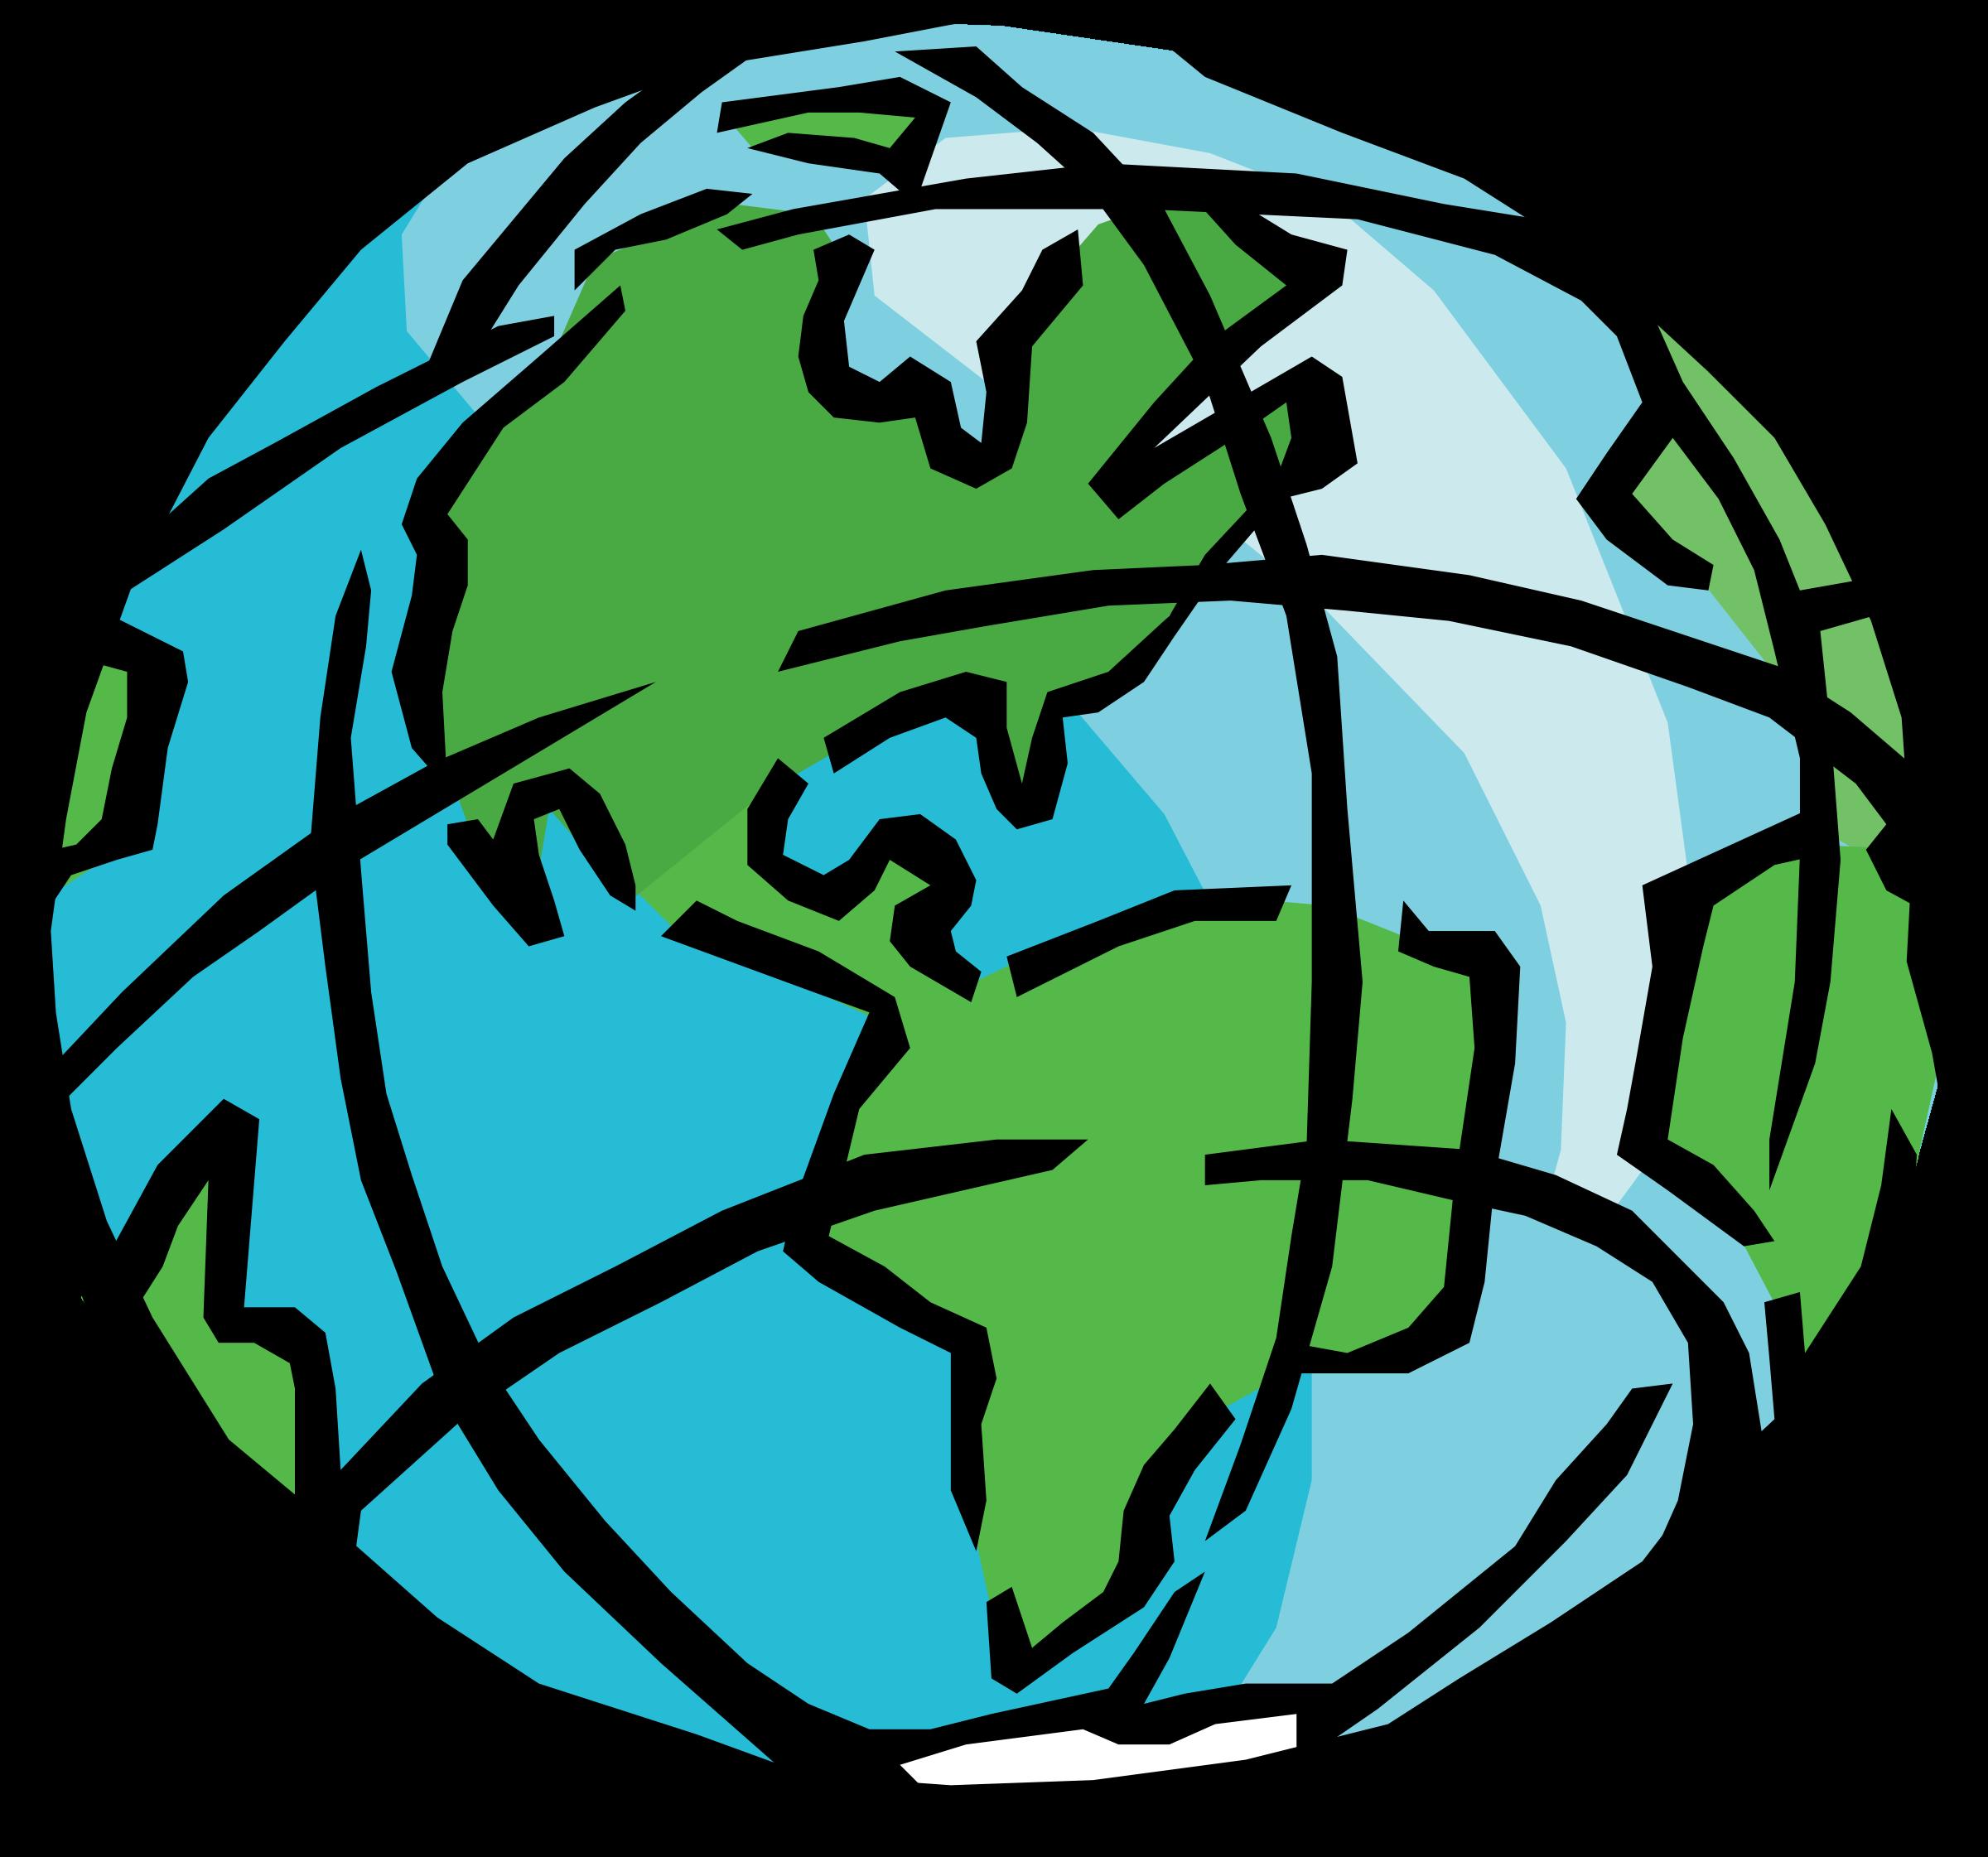 Clipart earth clip art. Big image png